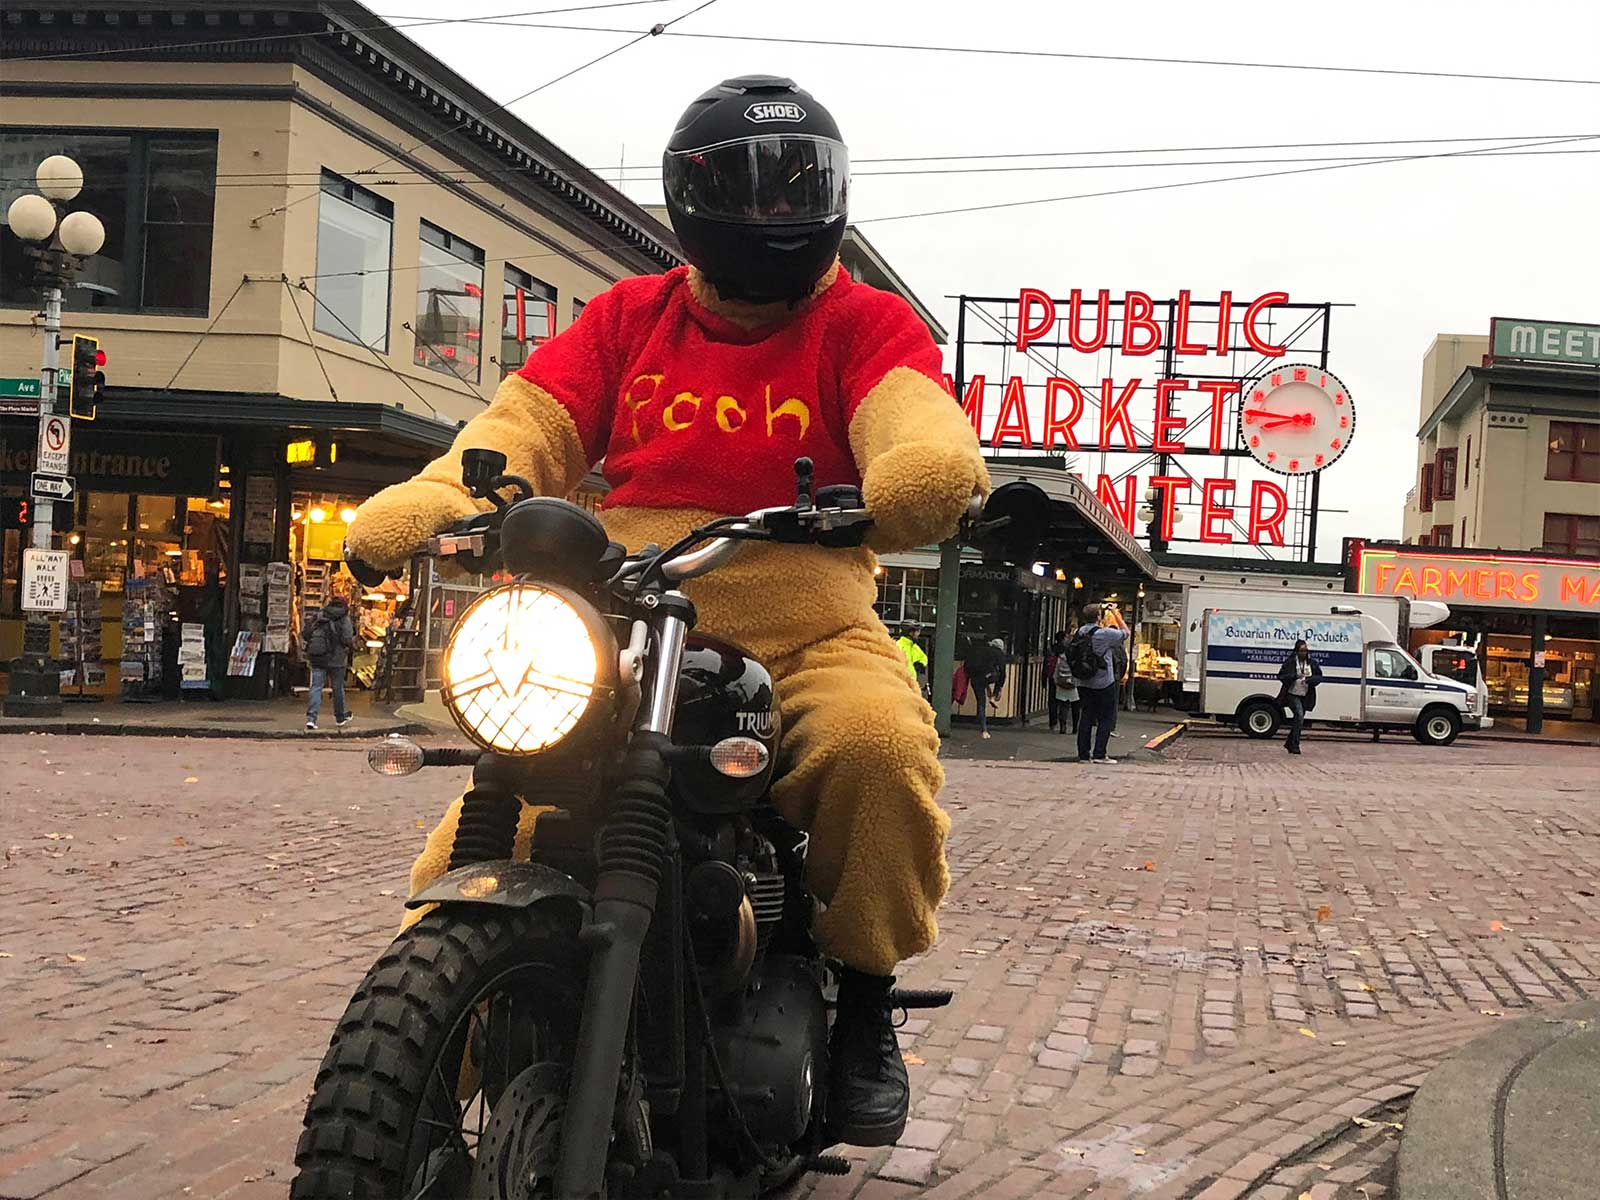 Pooh on a bike